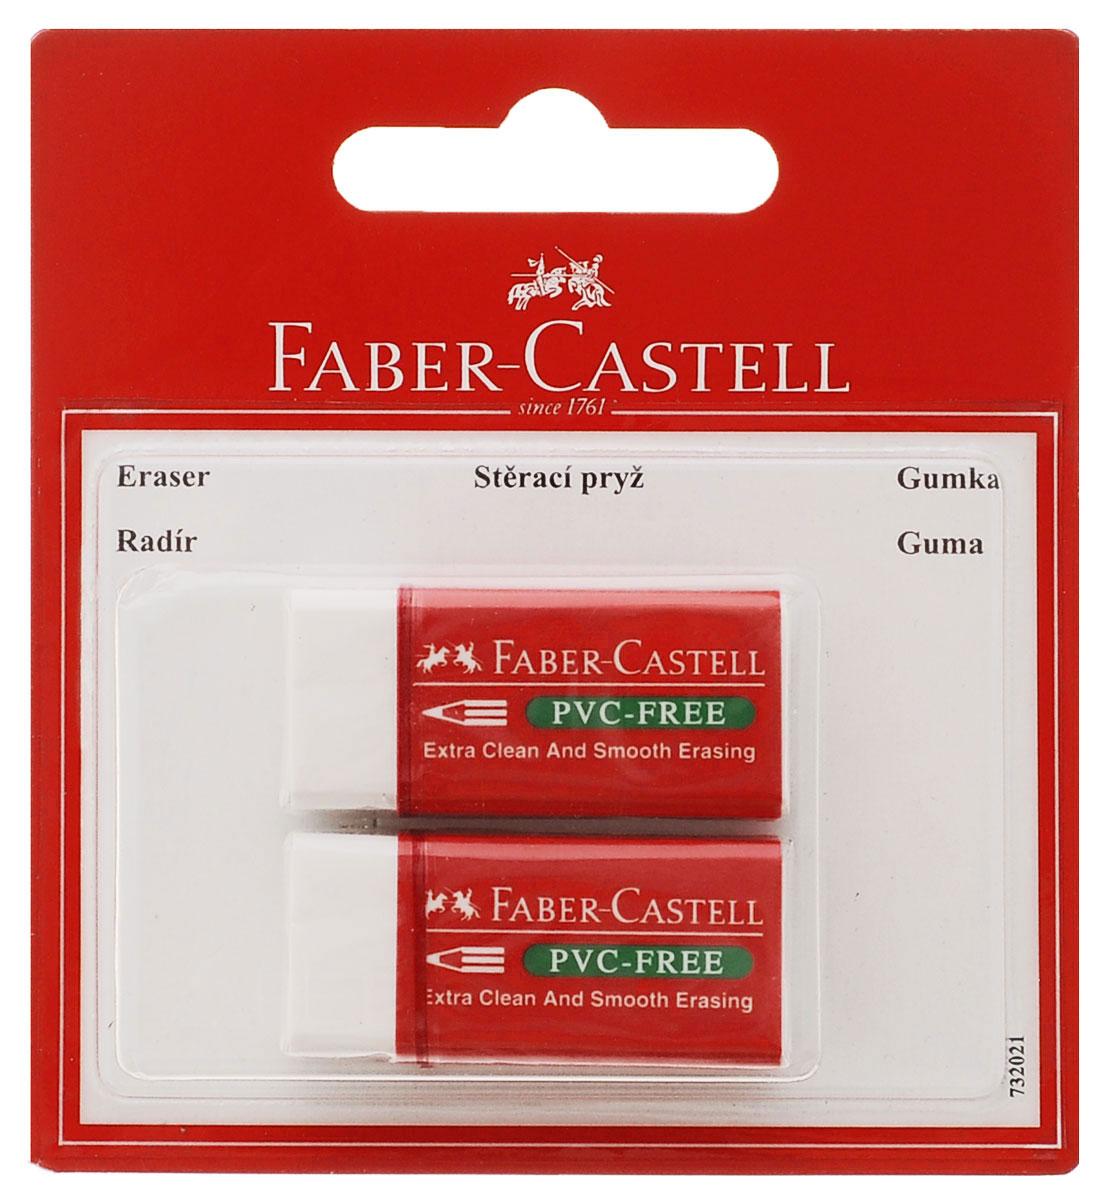 Faber-Castell Ластик термопластический 7095 2 шт72523WDЛастик Faber-Castell из термопластического материала в красной защитной упаковке, не содержит ПВХ, пригоден для графитных простых и цветных карандашей. Размеры ластика: 4 см х 2 см х 1 см. В комплекте 2 ластика.